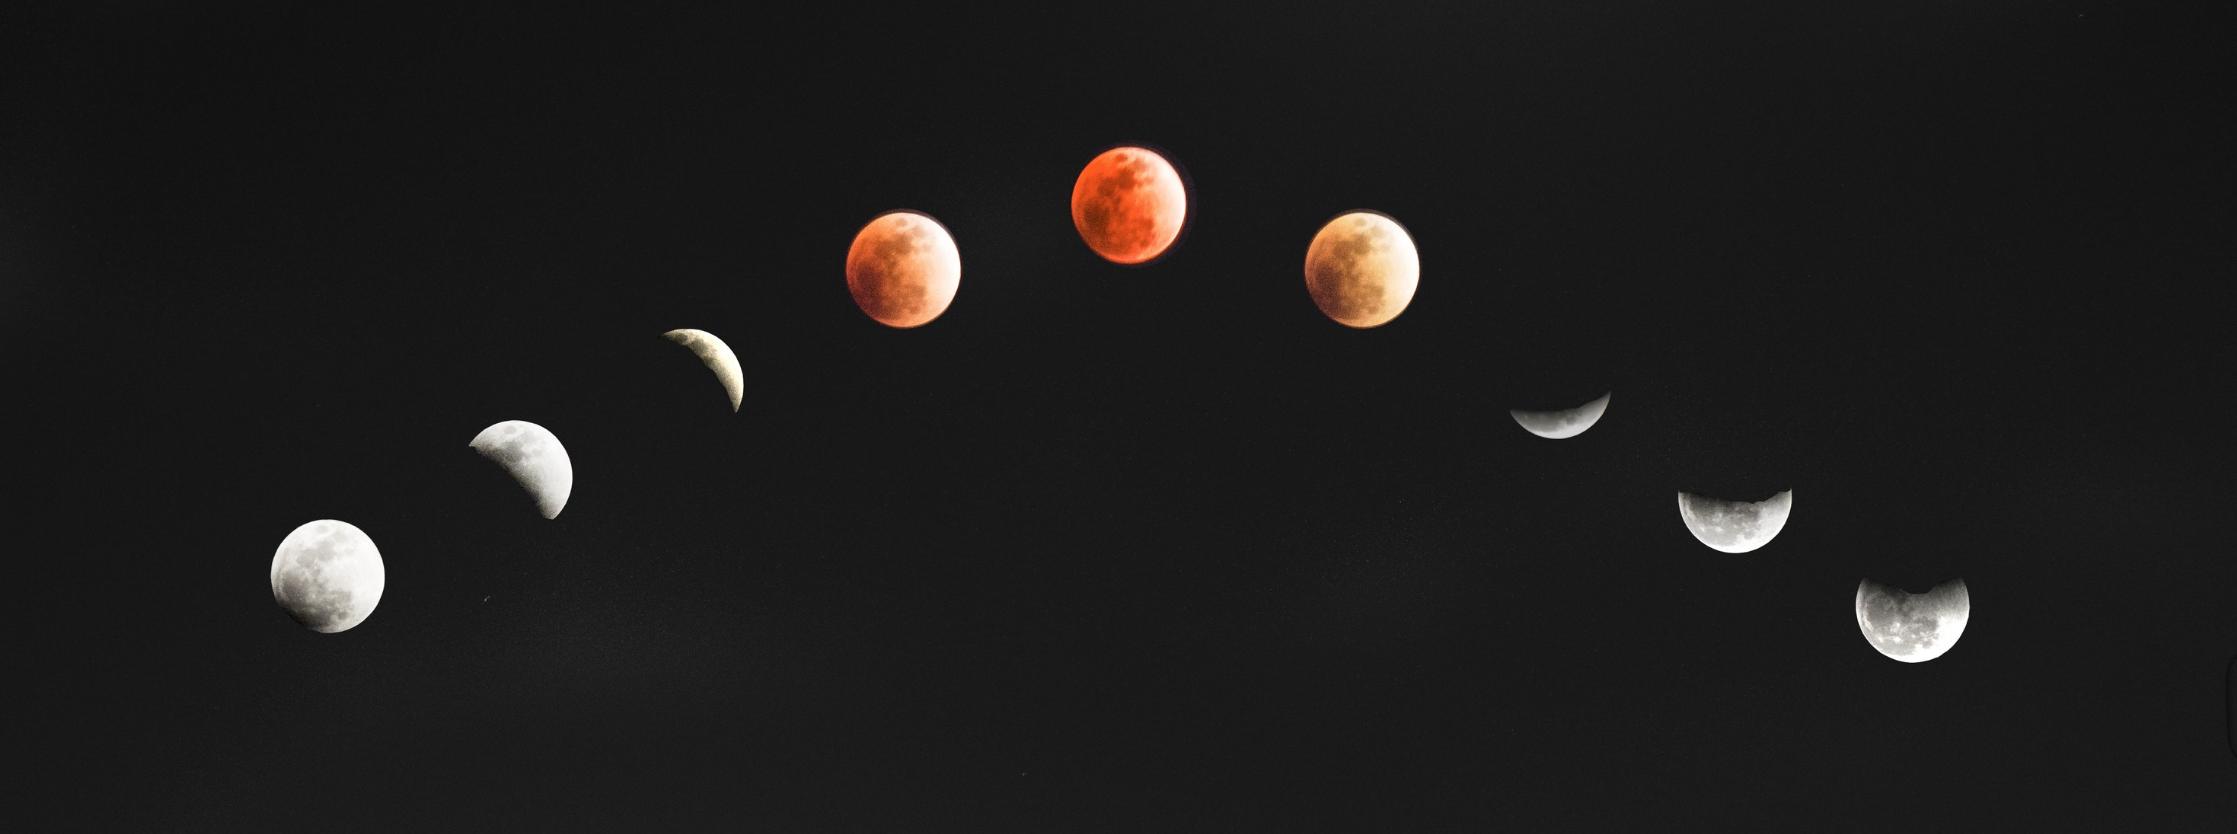 Les phases de la Lune sur fond noir